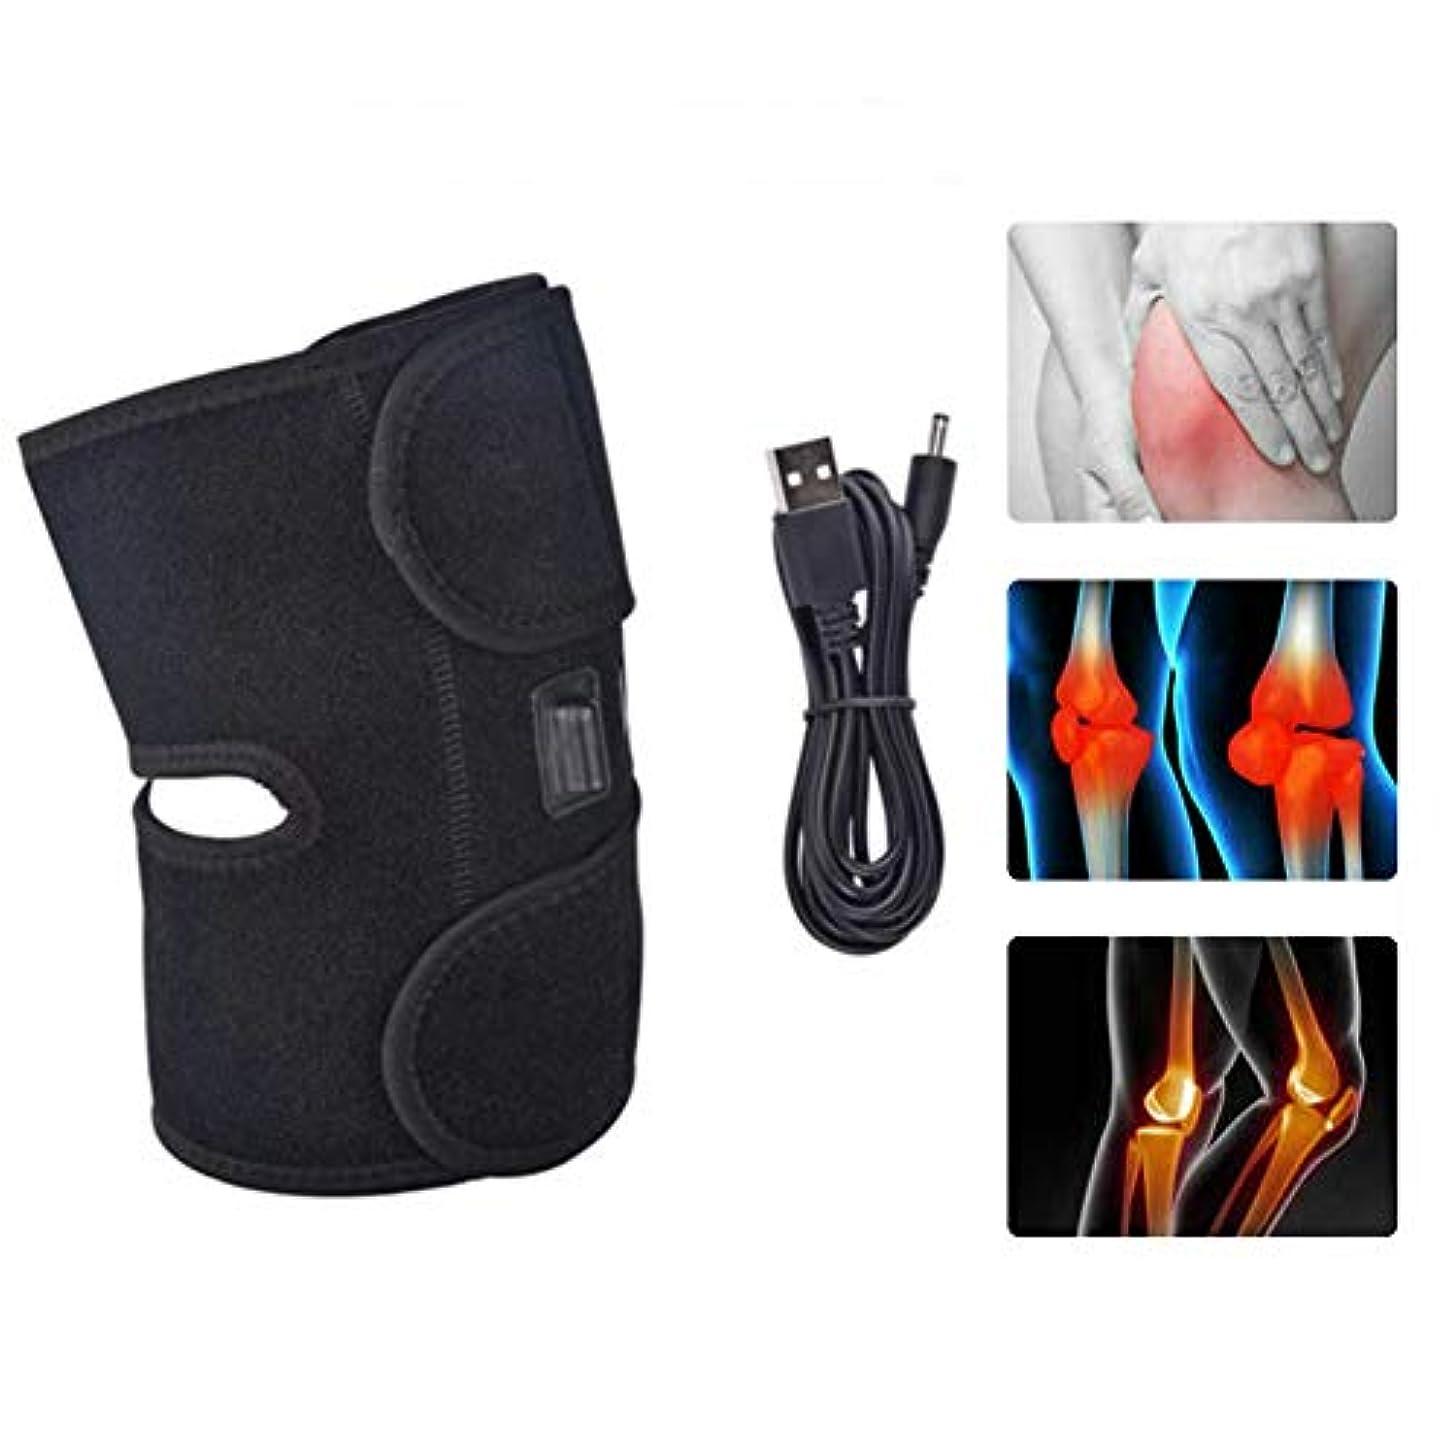 ユーザー紫のインターネット電気加熱膝ブレースサポート - 膝温ラップラップパッド - 療法ホット圧縮3ファイル温度で膝の傷害,2pcs